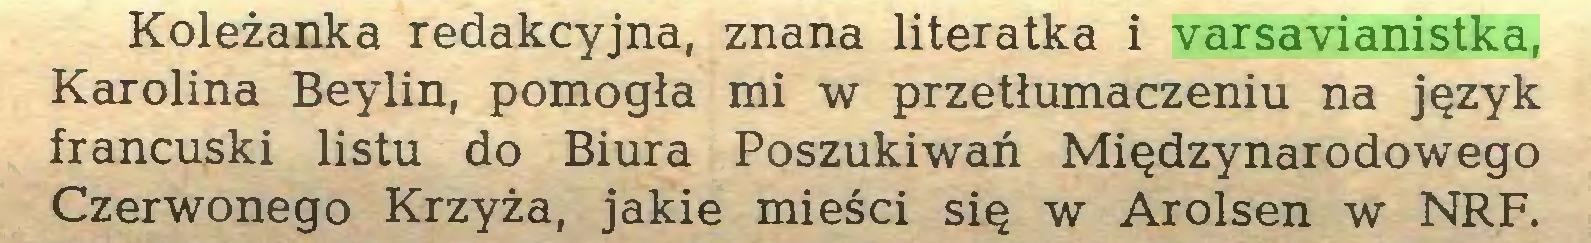 (...) Koleżanka redakcyjna, znana literatka i varsavianistka, Karolina Beylin, pomogła mi w przetłumaczeniu na język francuski listu do Biura Poszukiwań Międzynarodowego Czerwonego Krzyża, jakie mieści się w Arolsen w NRF...